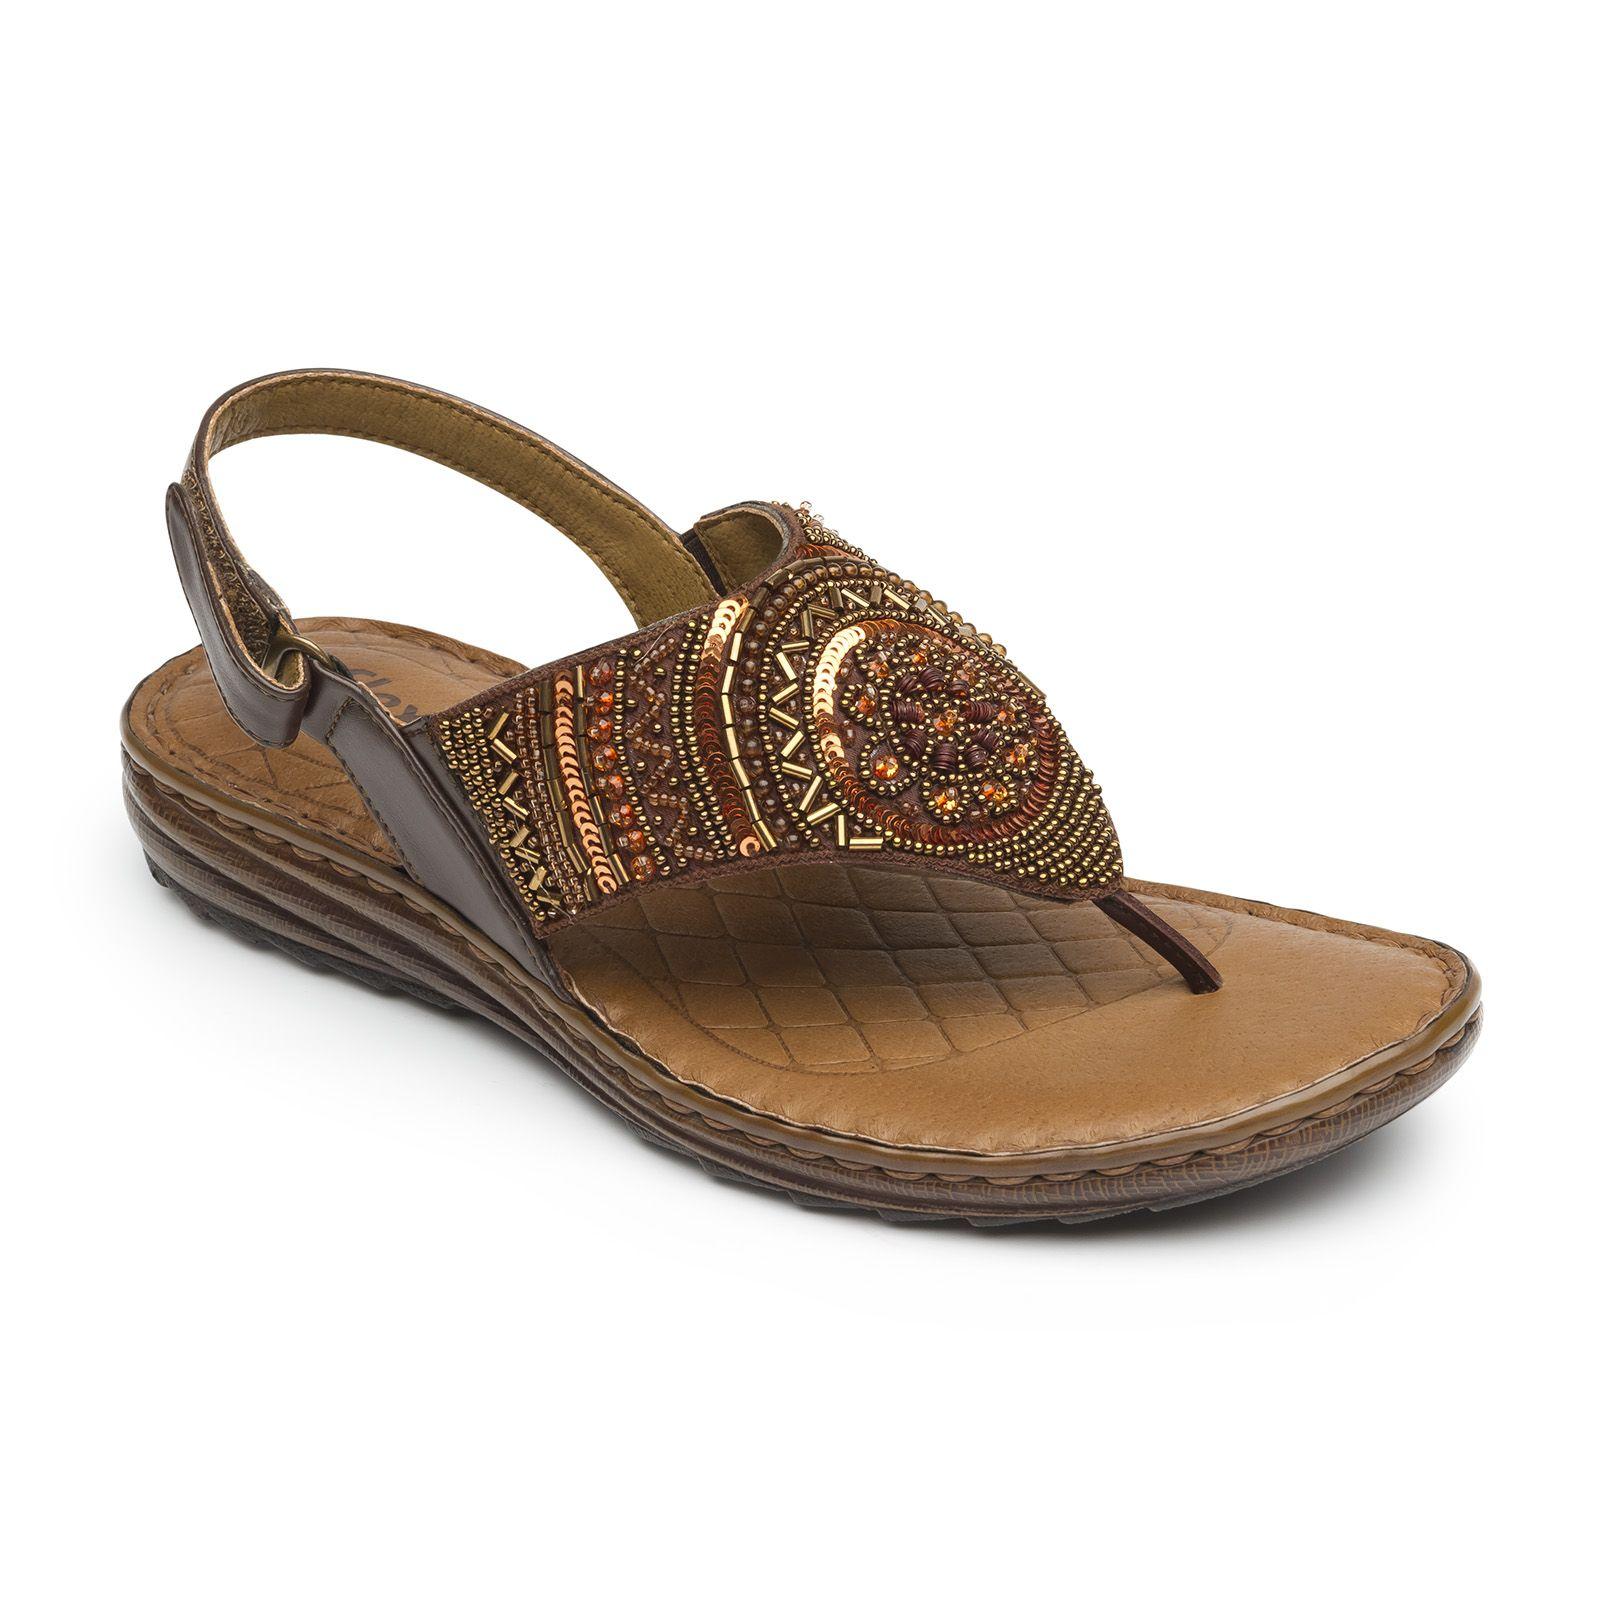 Línea de sandalia casual de piso integrada por tres estilos en piel en  colores básicos.